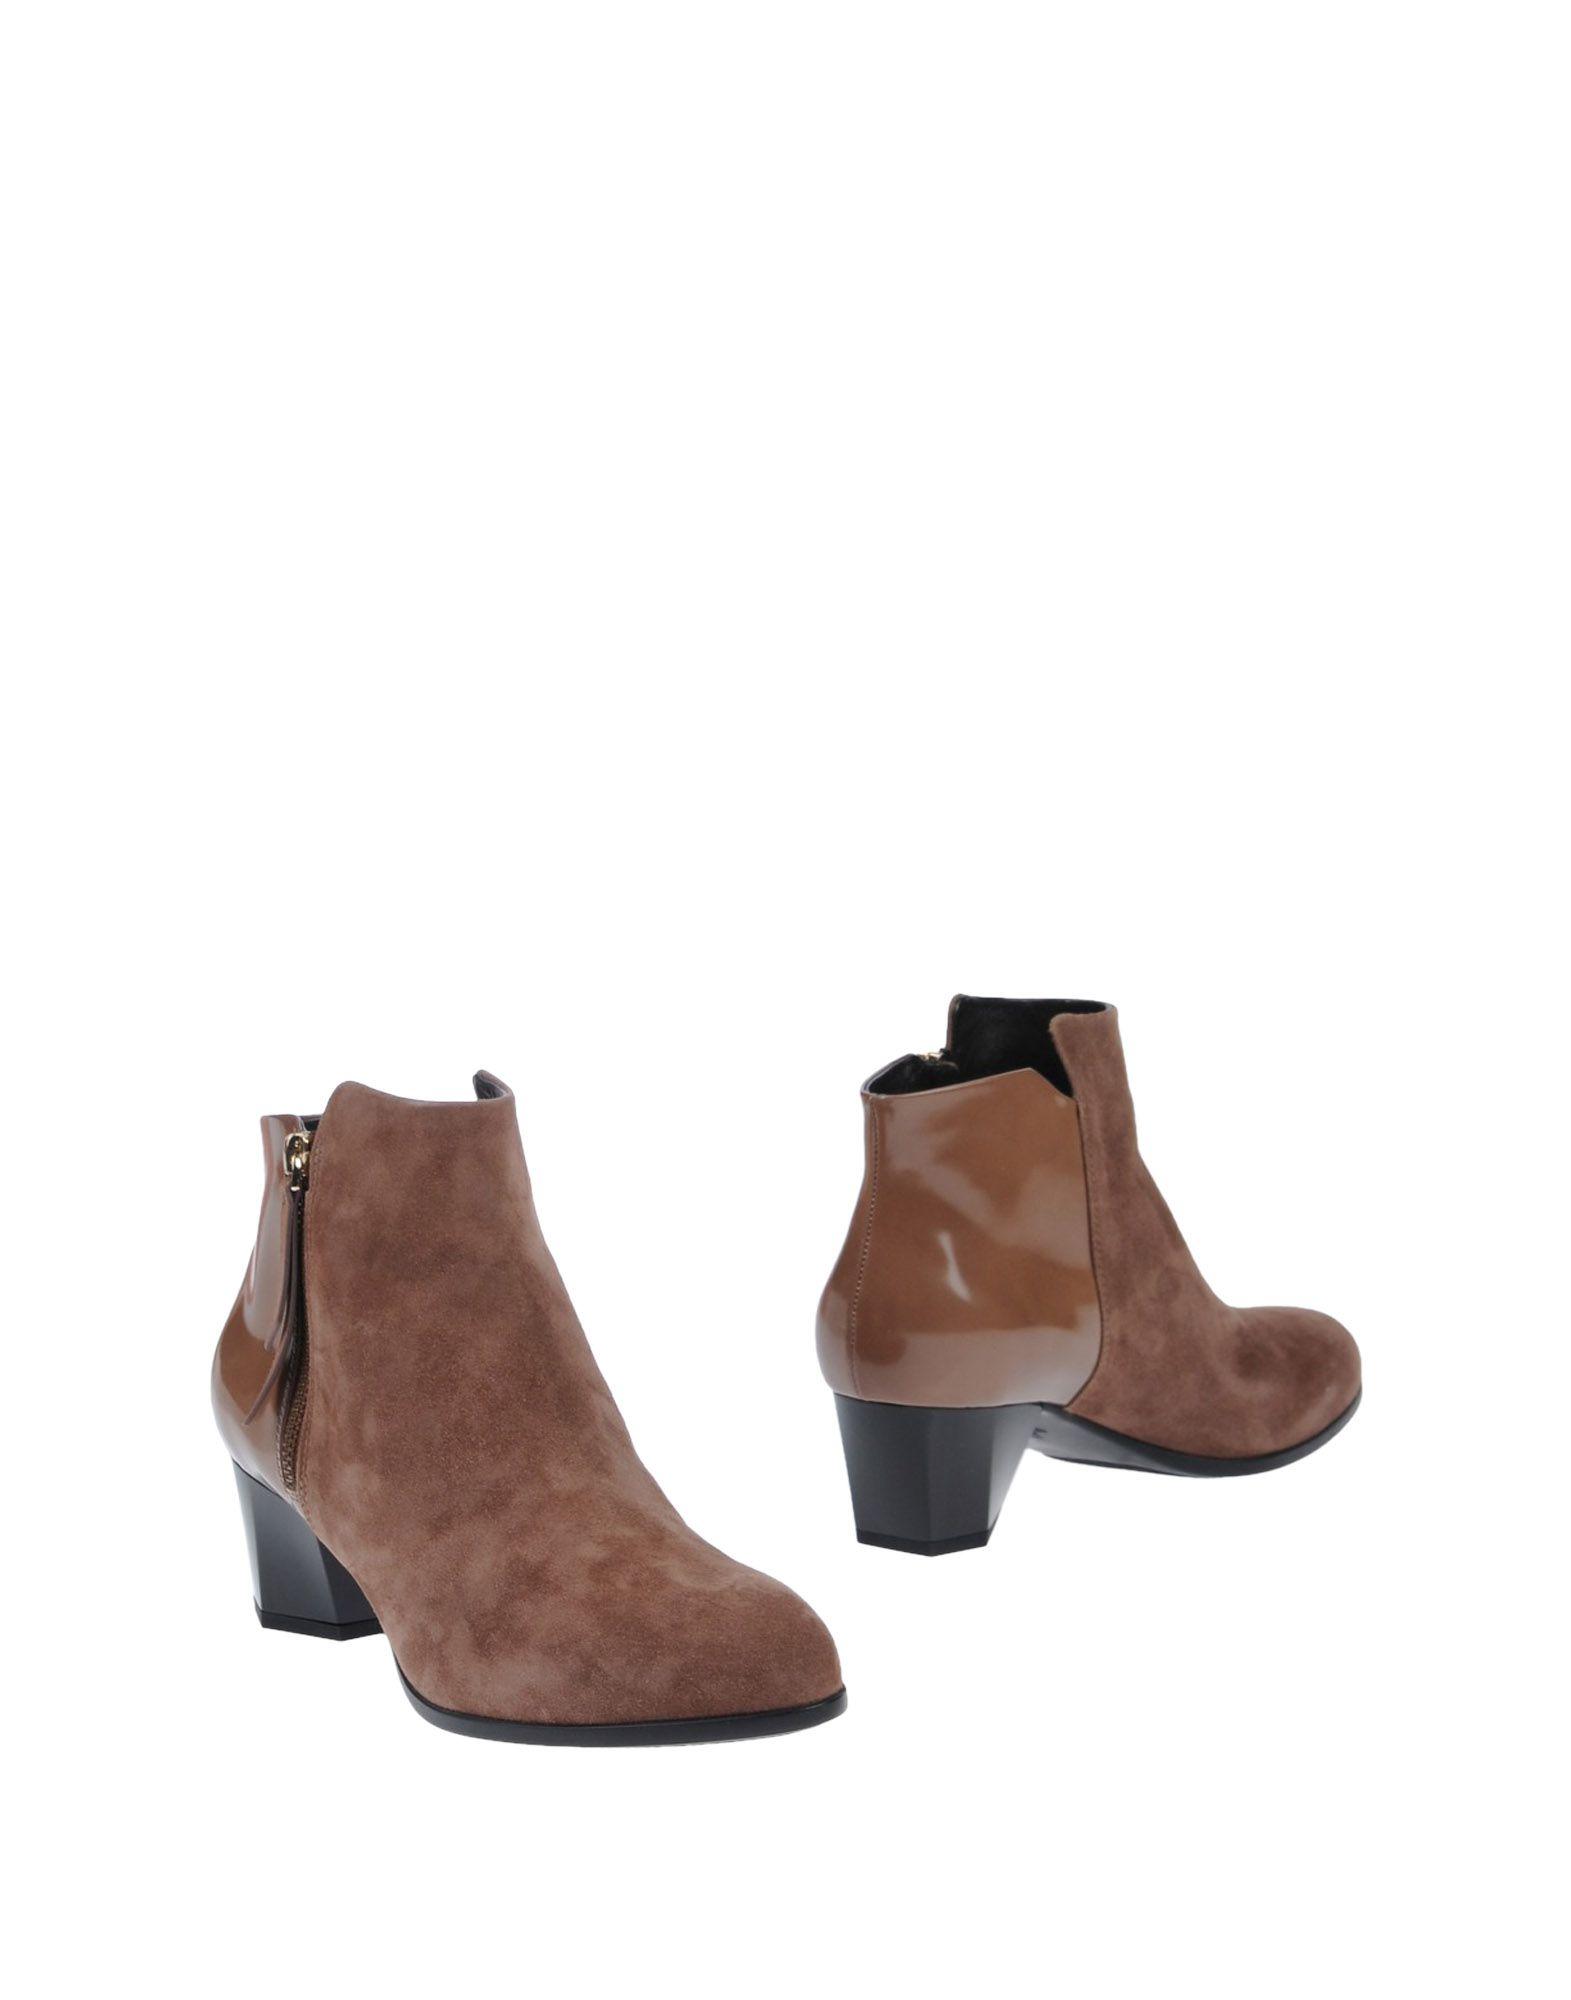 Hogan Stiefelette Damen  11498053EWGut aussehende strapazierfähige Schuhe